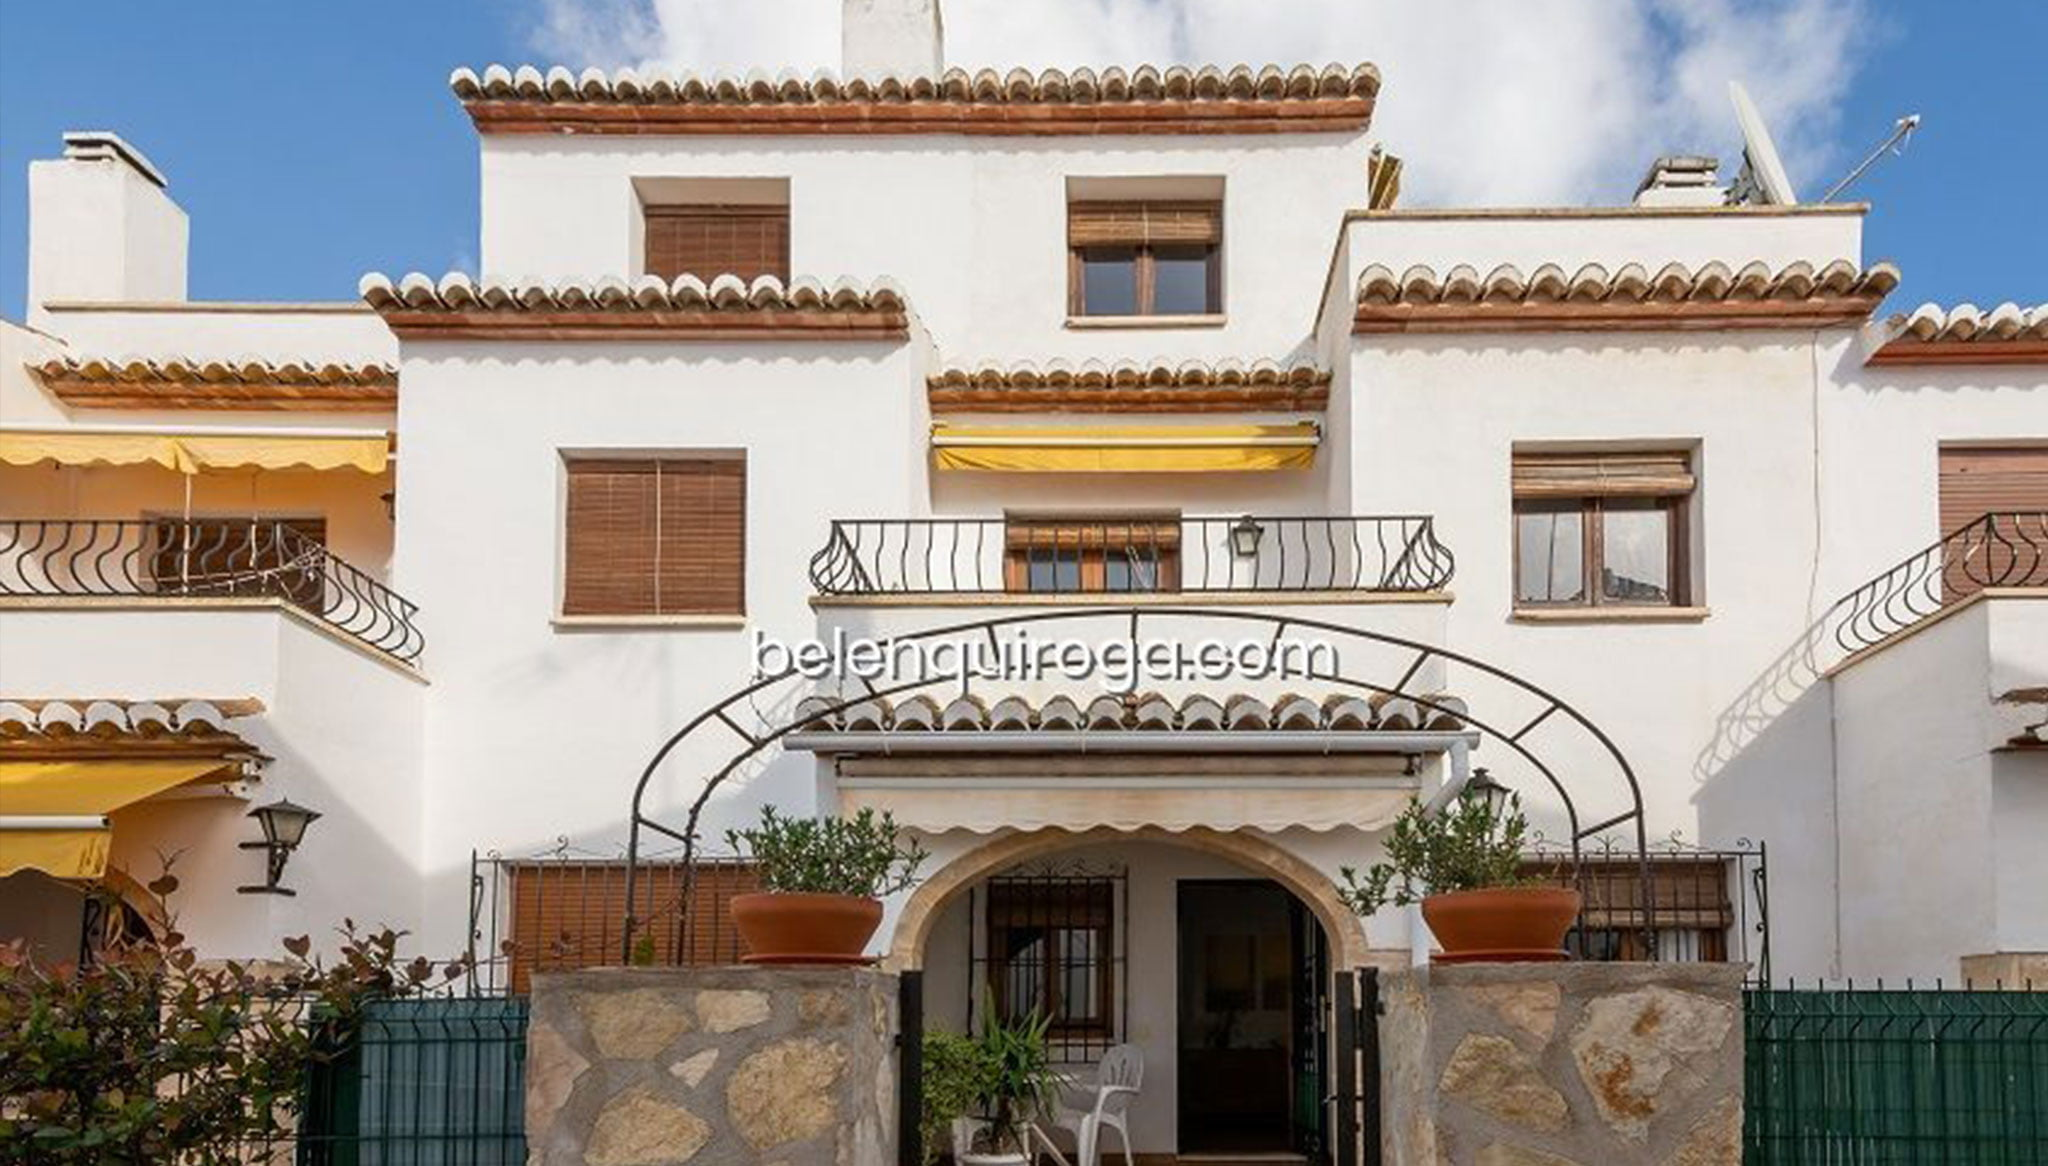 Fachada de bungalow en venta en la zona de Calablanca en Jávea – Inmobiliaria Belen Quiroga